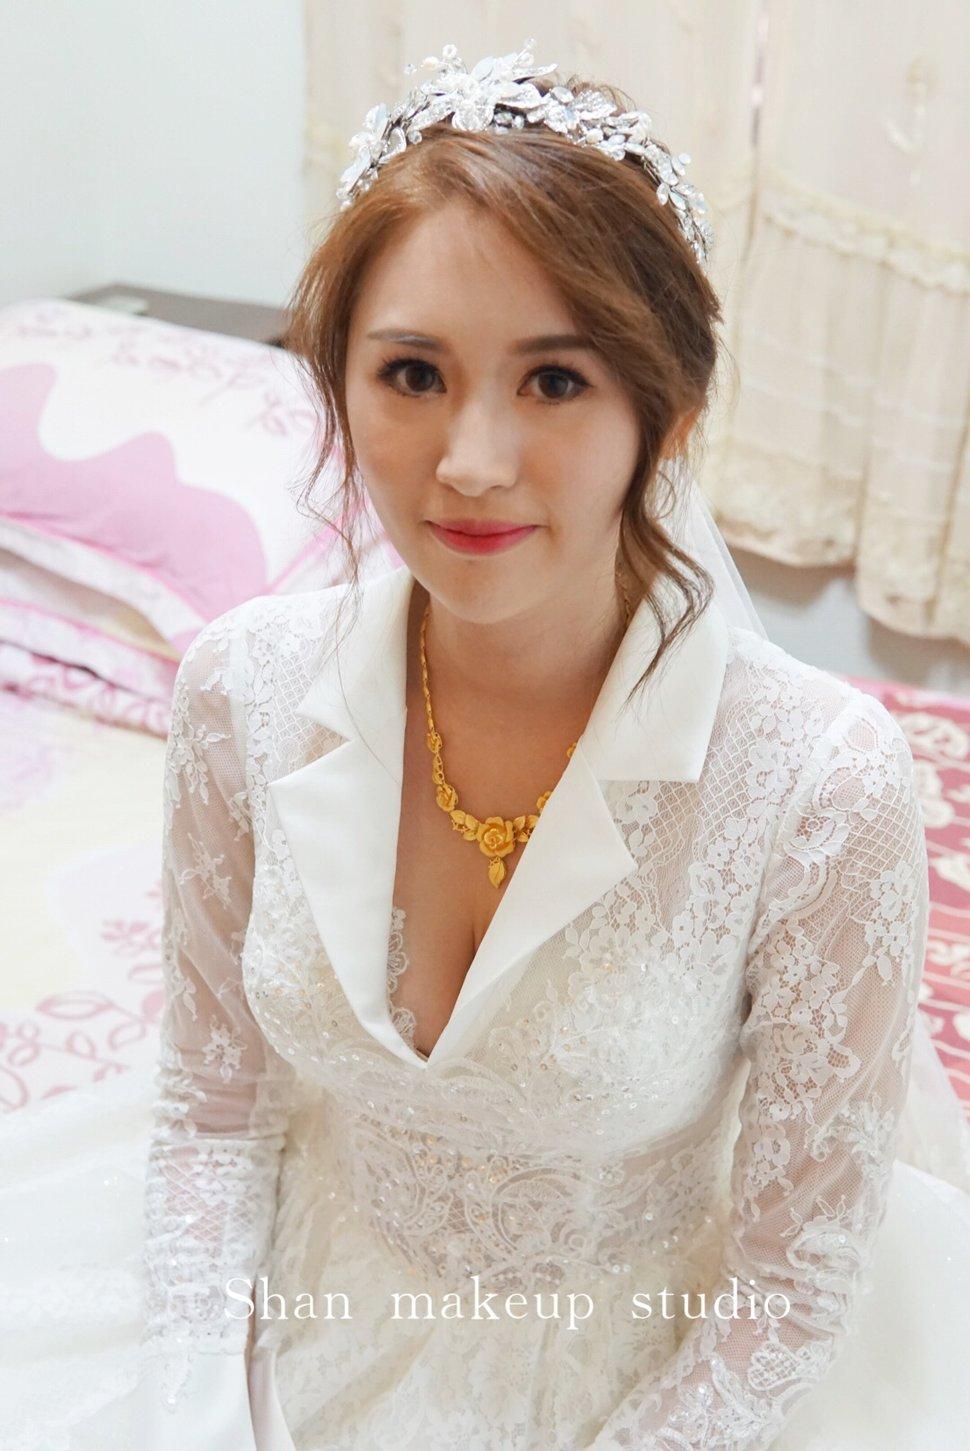 IMG_9237 - 湘翎Shan Makeup studio《結婚吧》